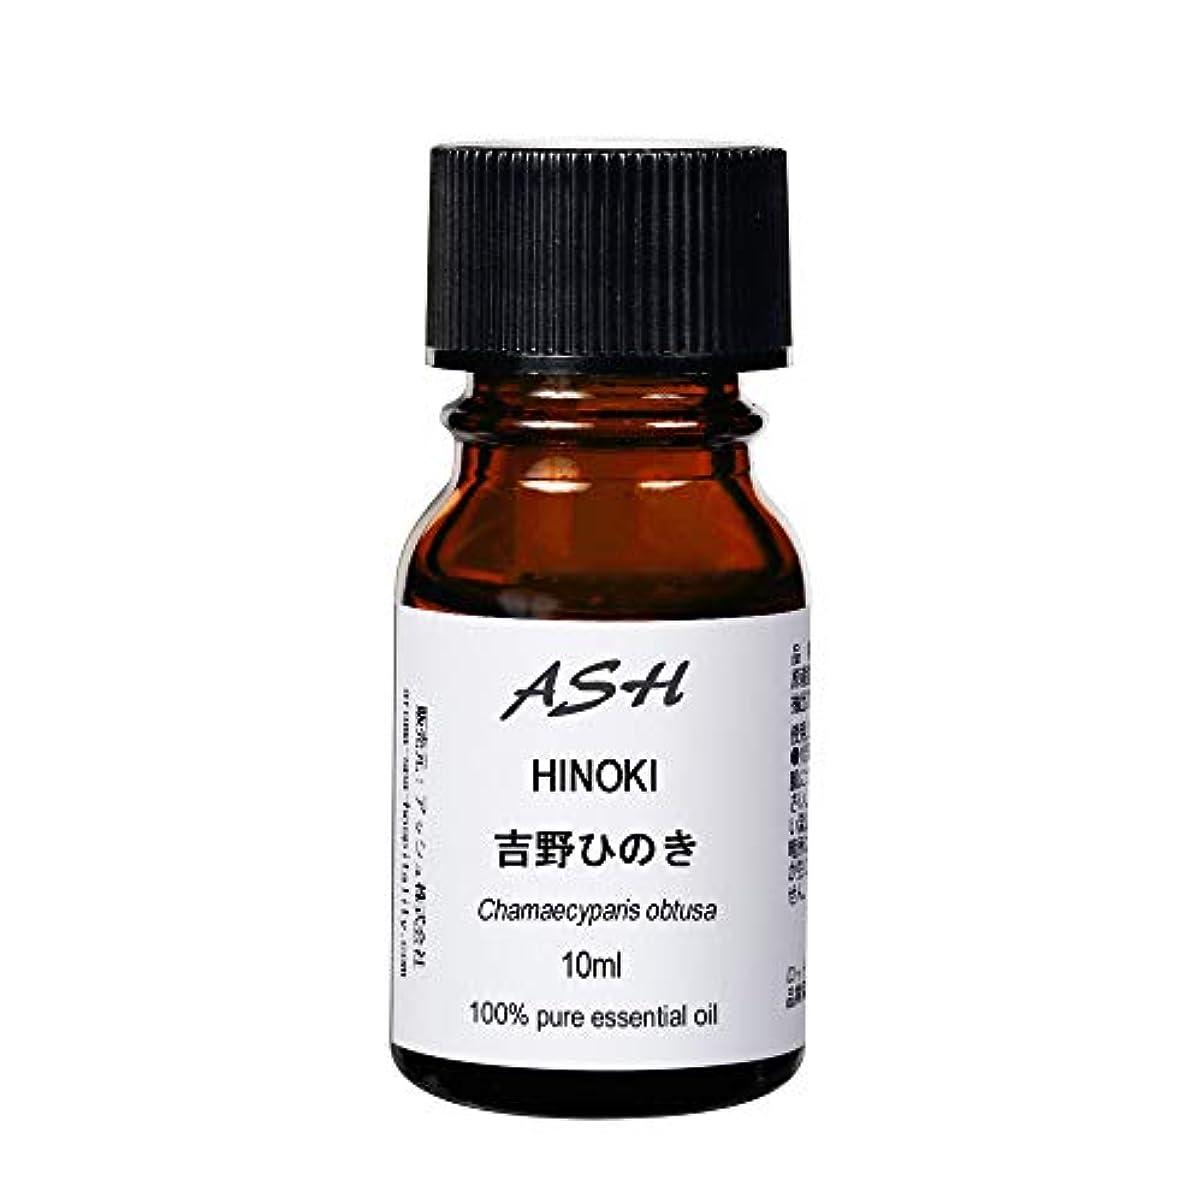 蒸留する根絶するミシン目ASH 吉野ひのき エッセンシャルオイル 10ml AEAJ表示基準適合認定精油 和精油